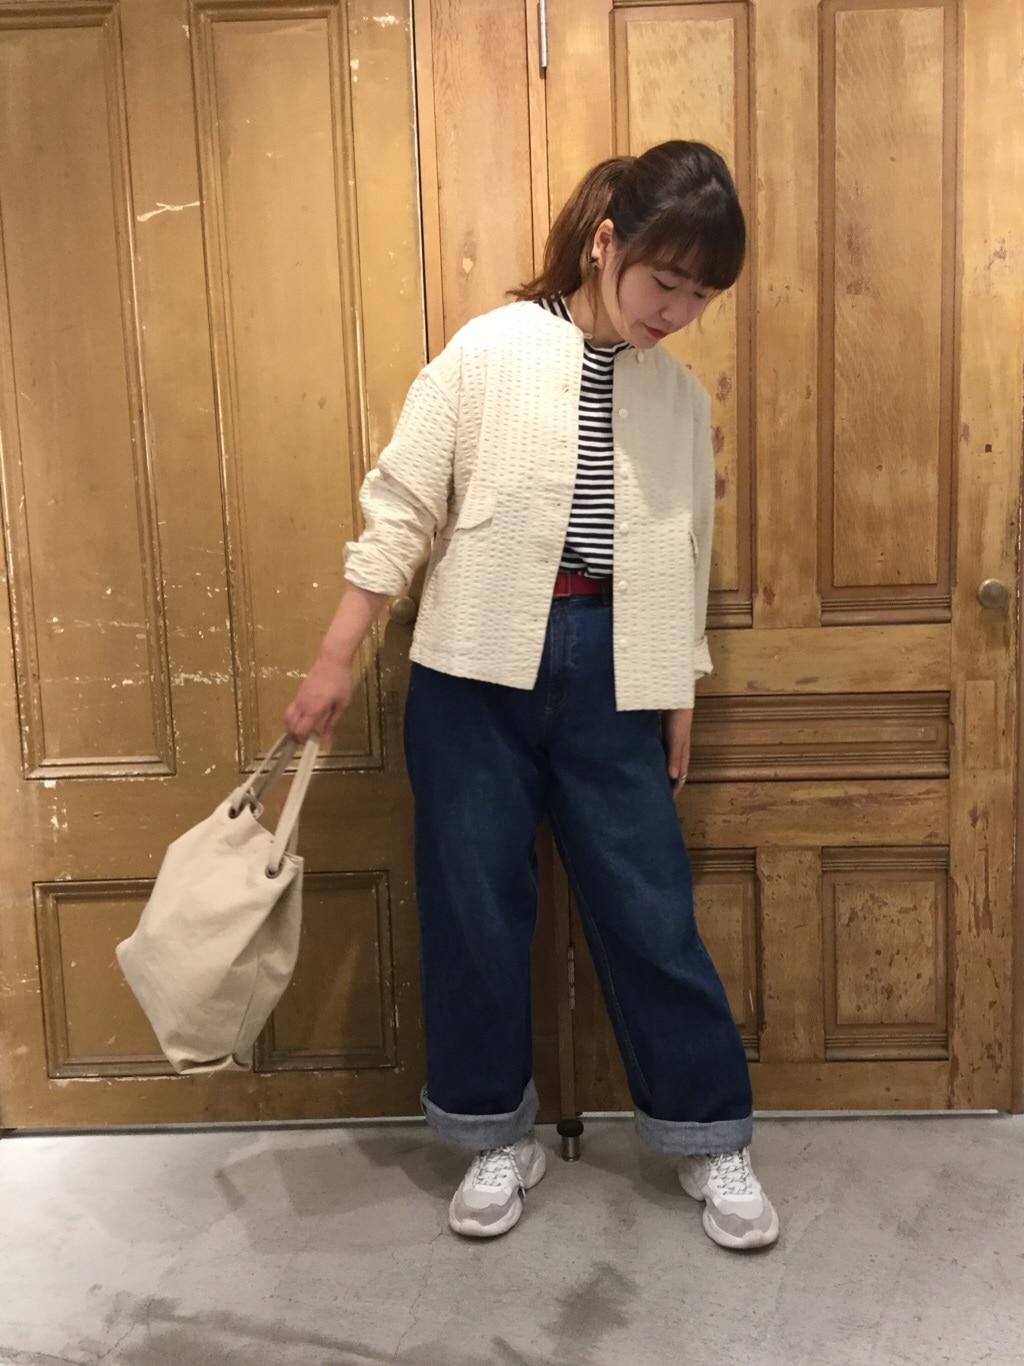 - PAR ICI FLAT AMB 名古屋栄路面 身長:163cm 2020.08.07